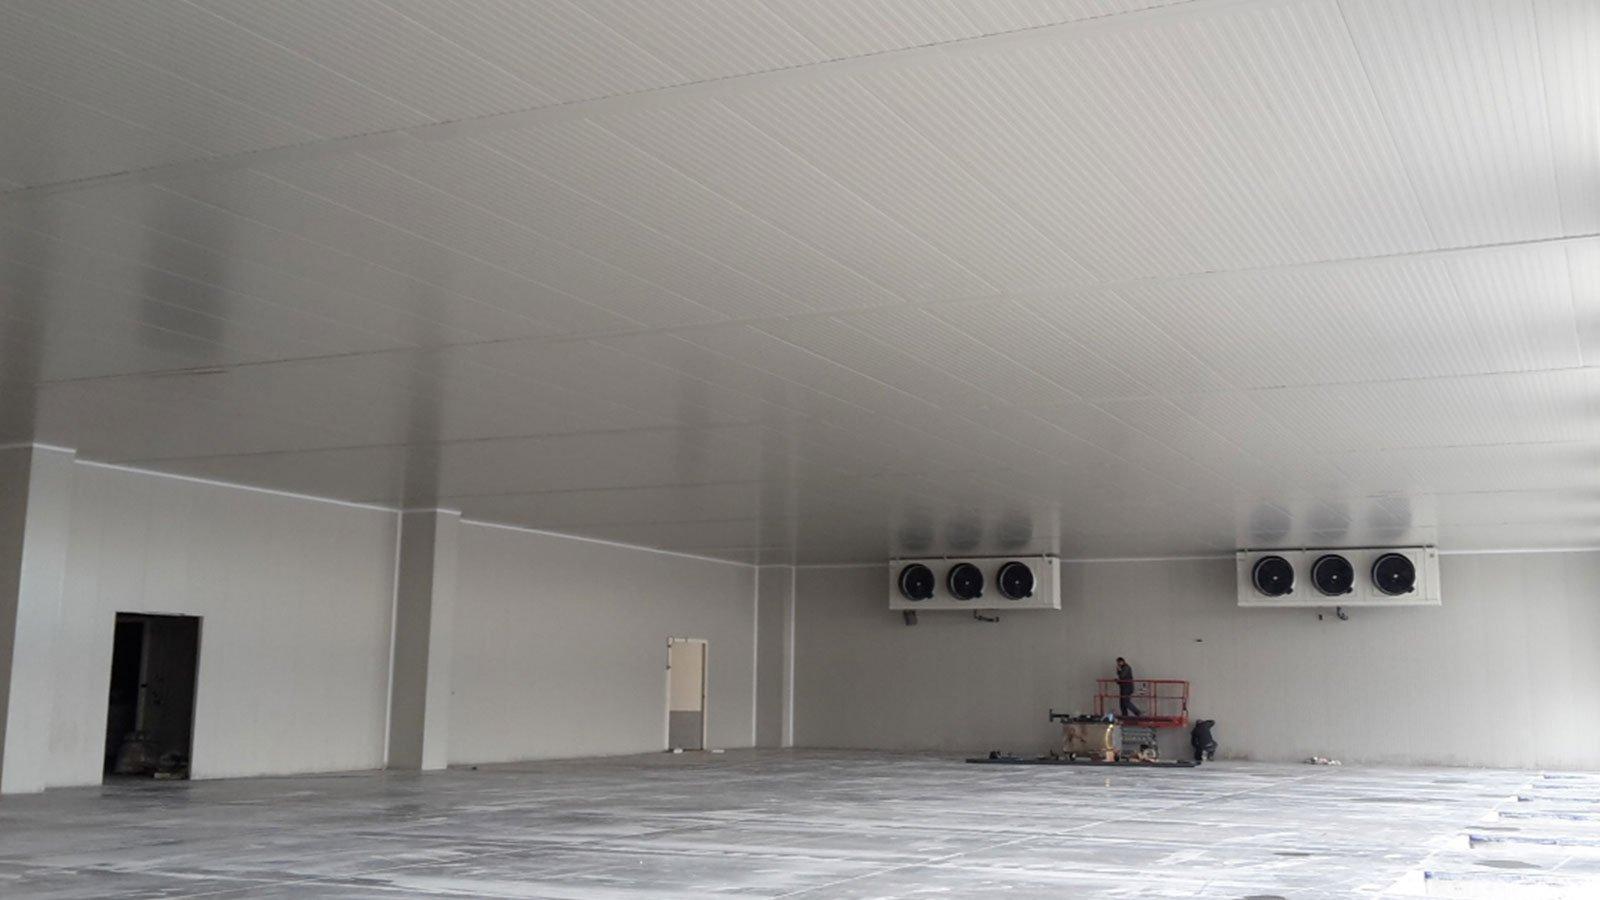 vista di un'ampia stanza vuota all'interno di uno stabile industriale con in fondo dei motori a muro